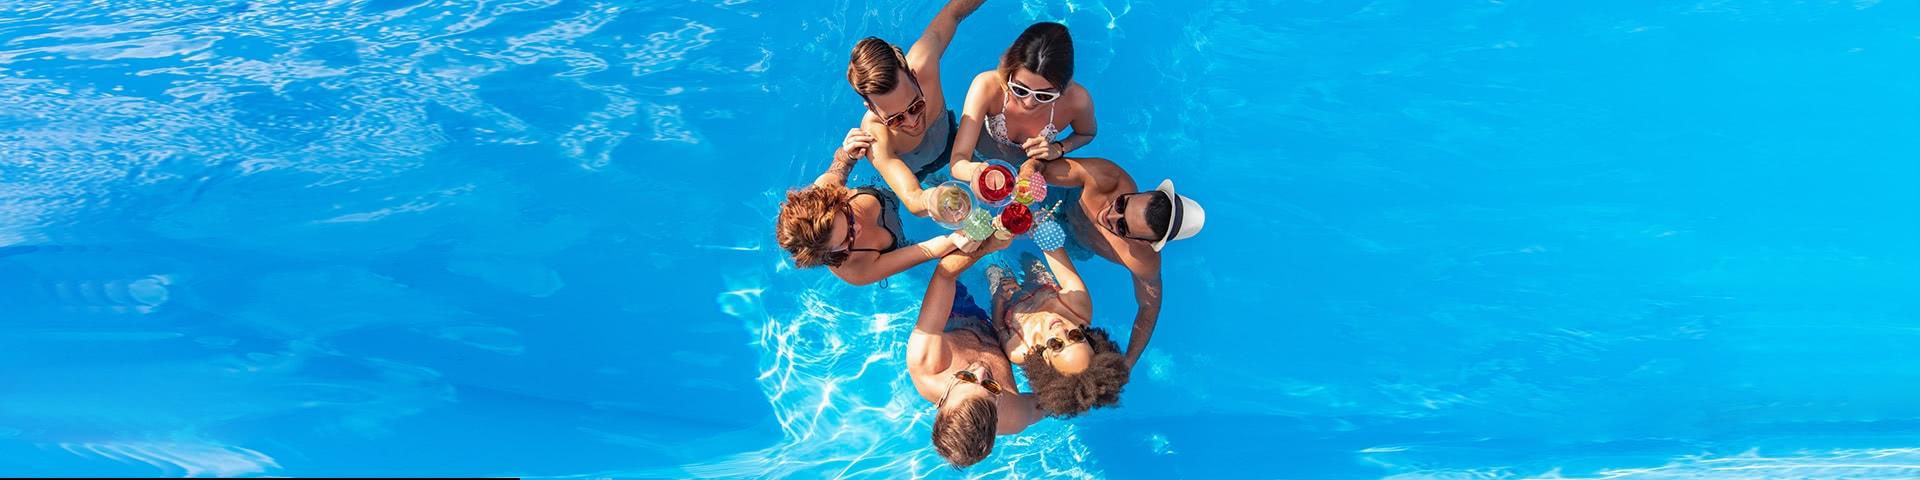 Gruppe steht in einem Kreis in einem Pool und stößt mit Cocktails an in Bulgarien